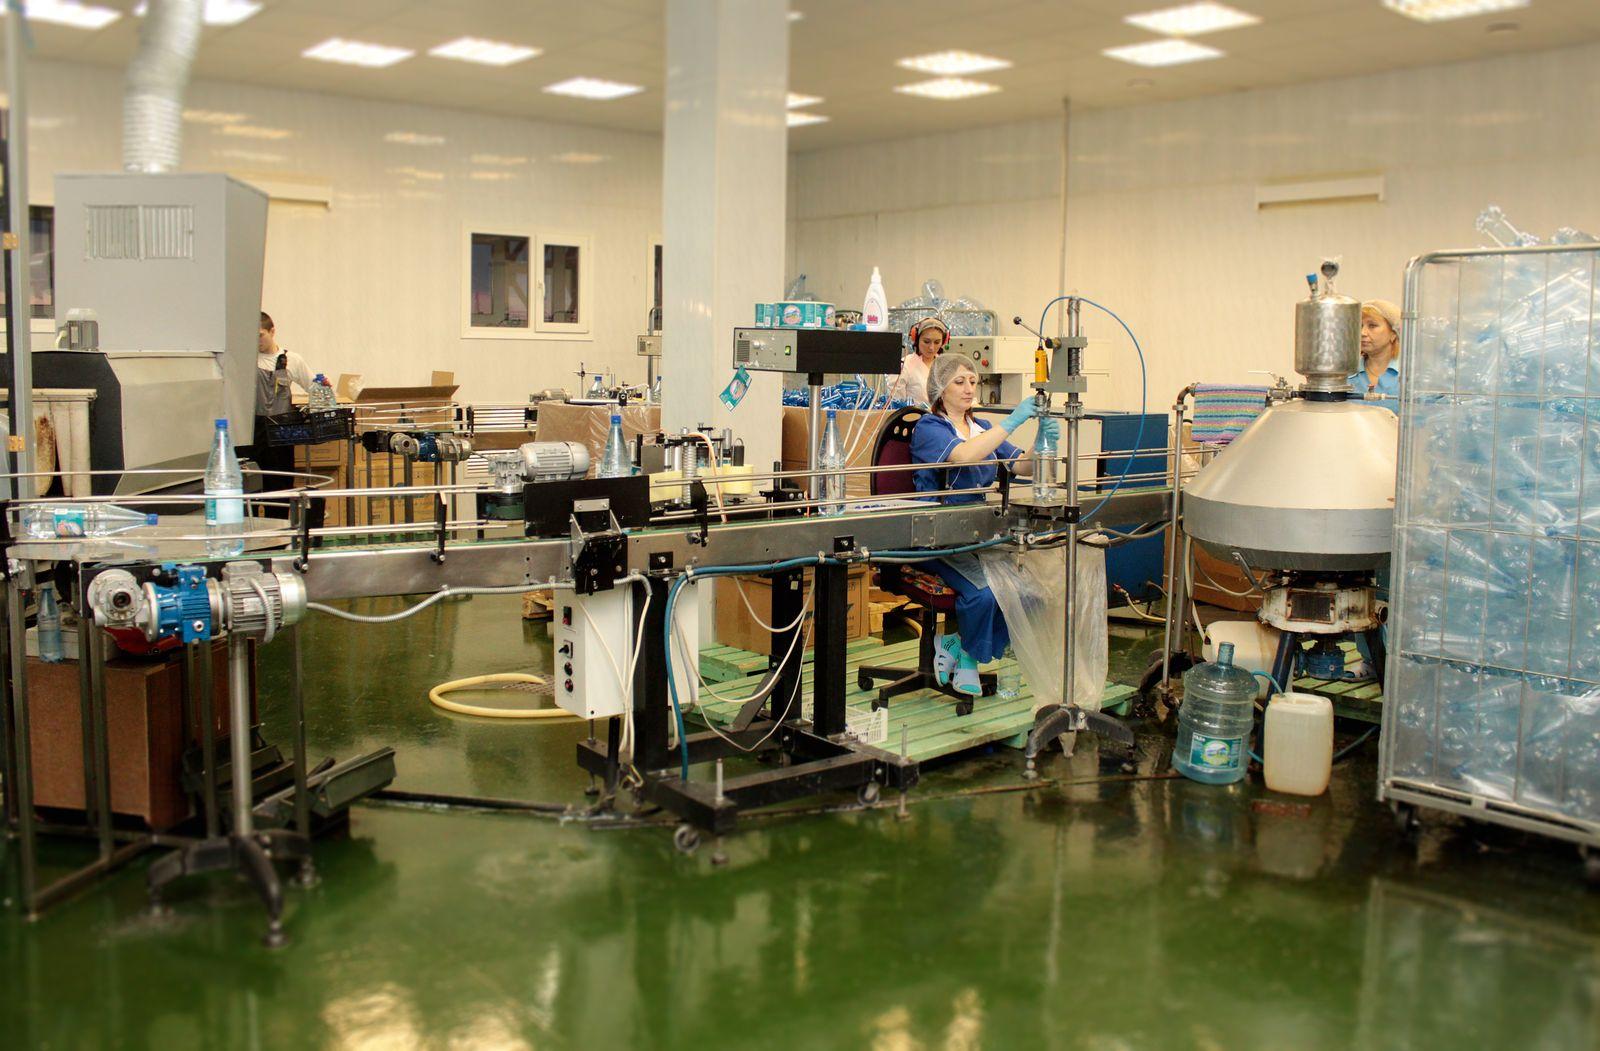 Производство кваса как бизнес - линия, оборудование